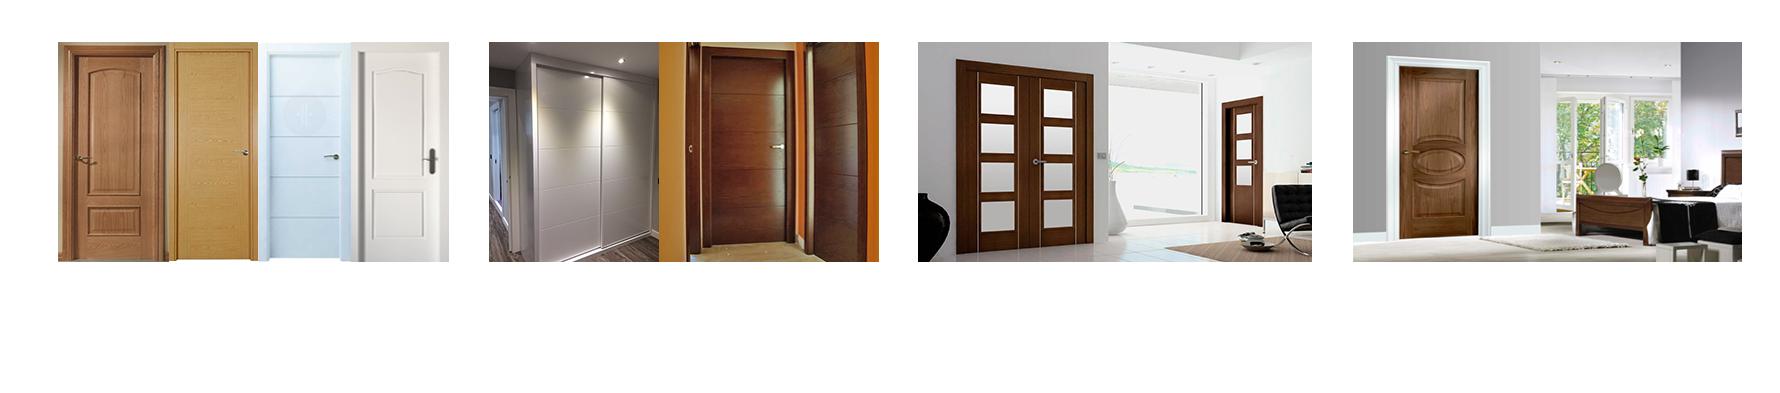 puertas_basculantes